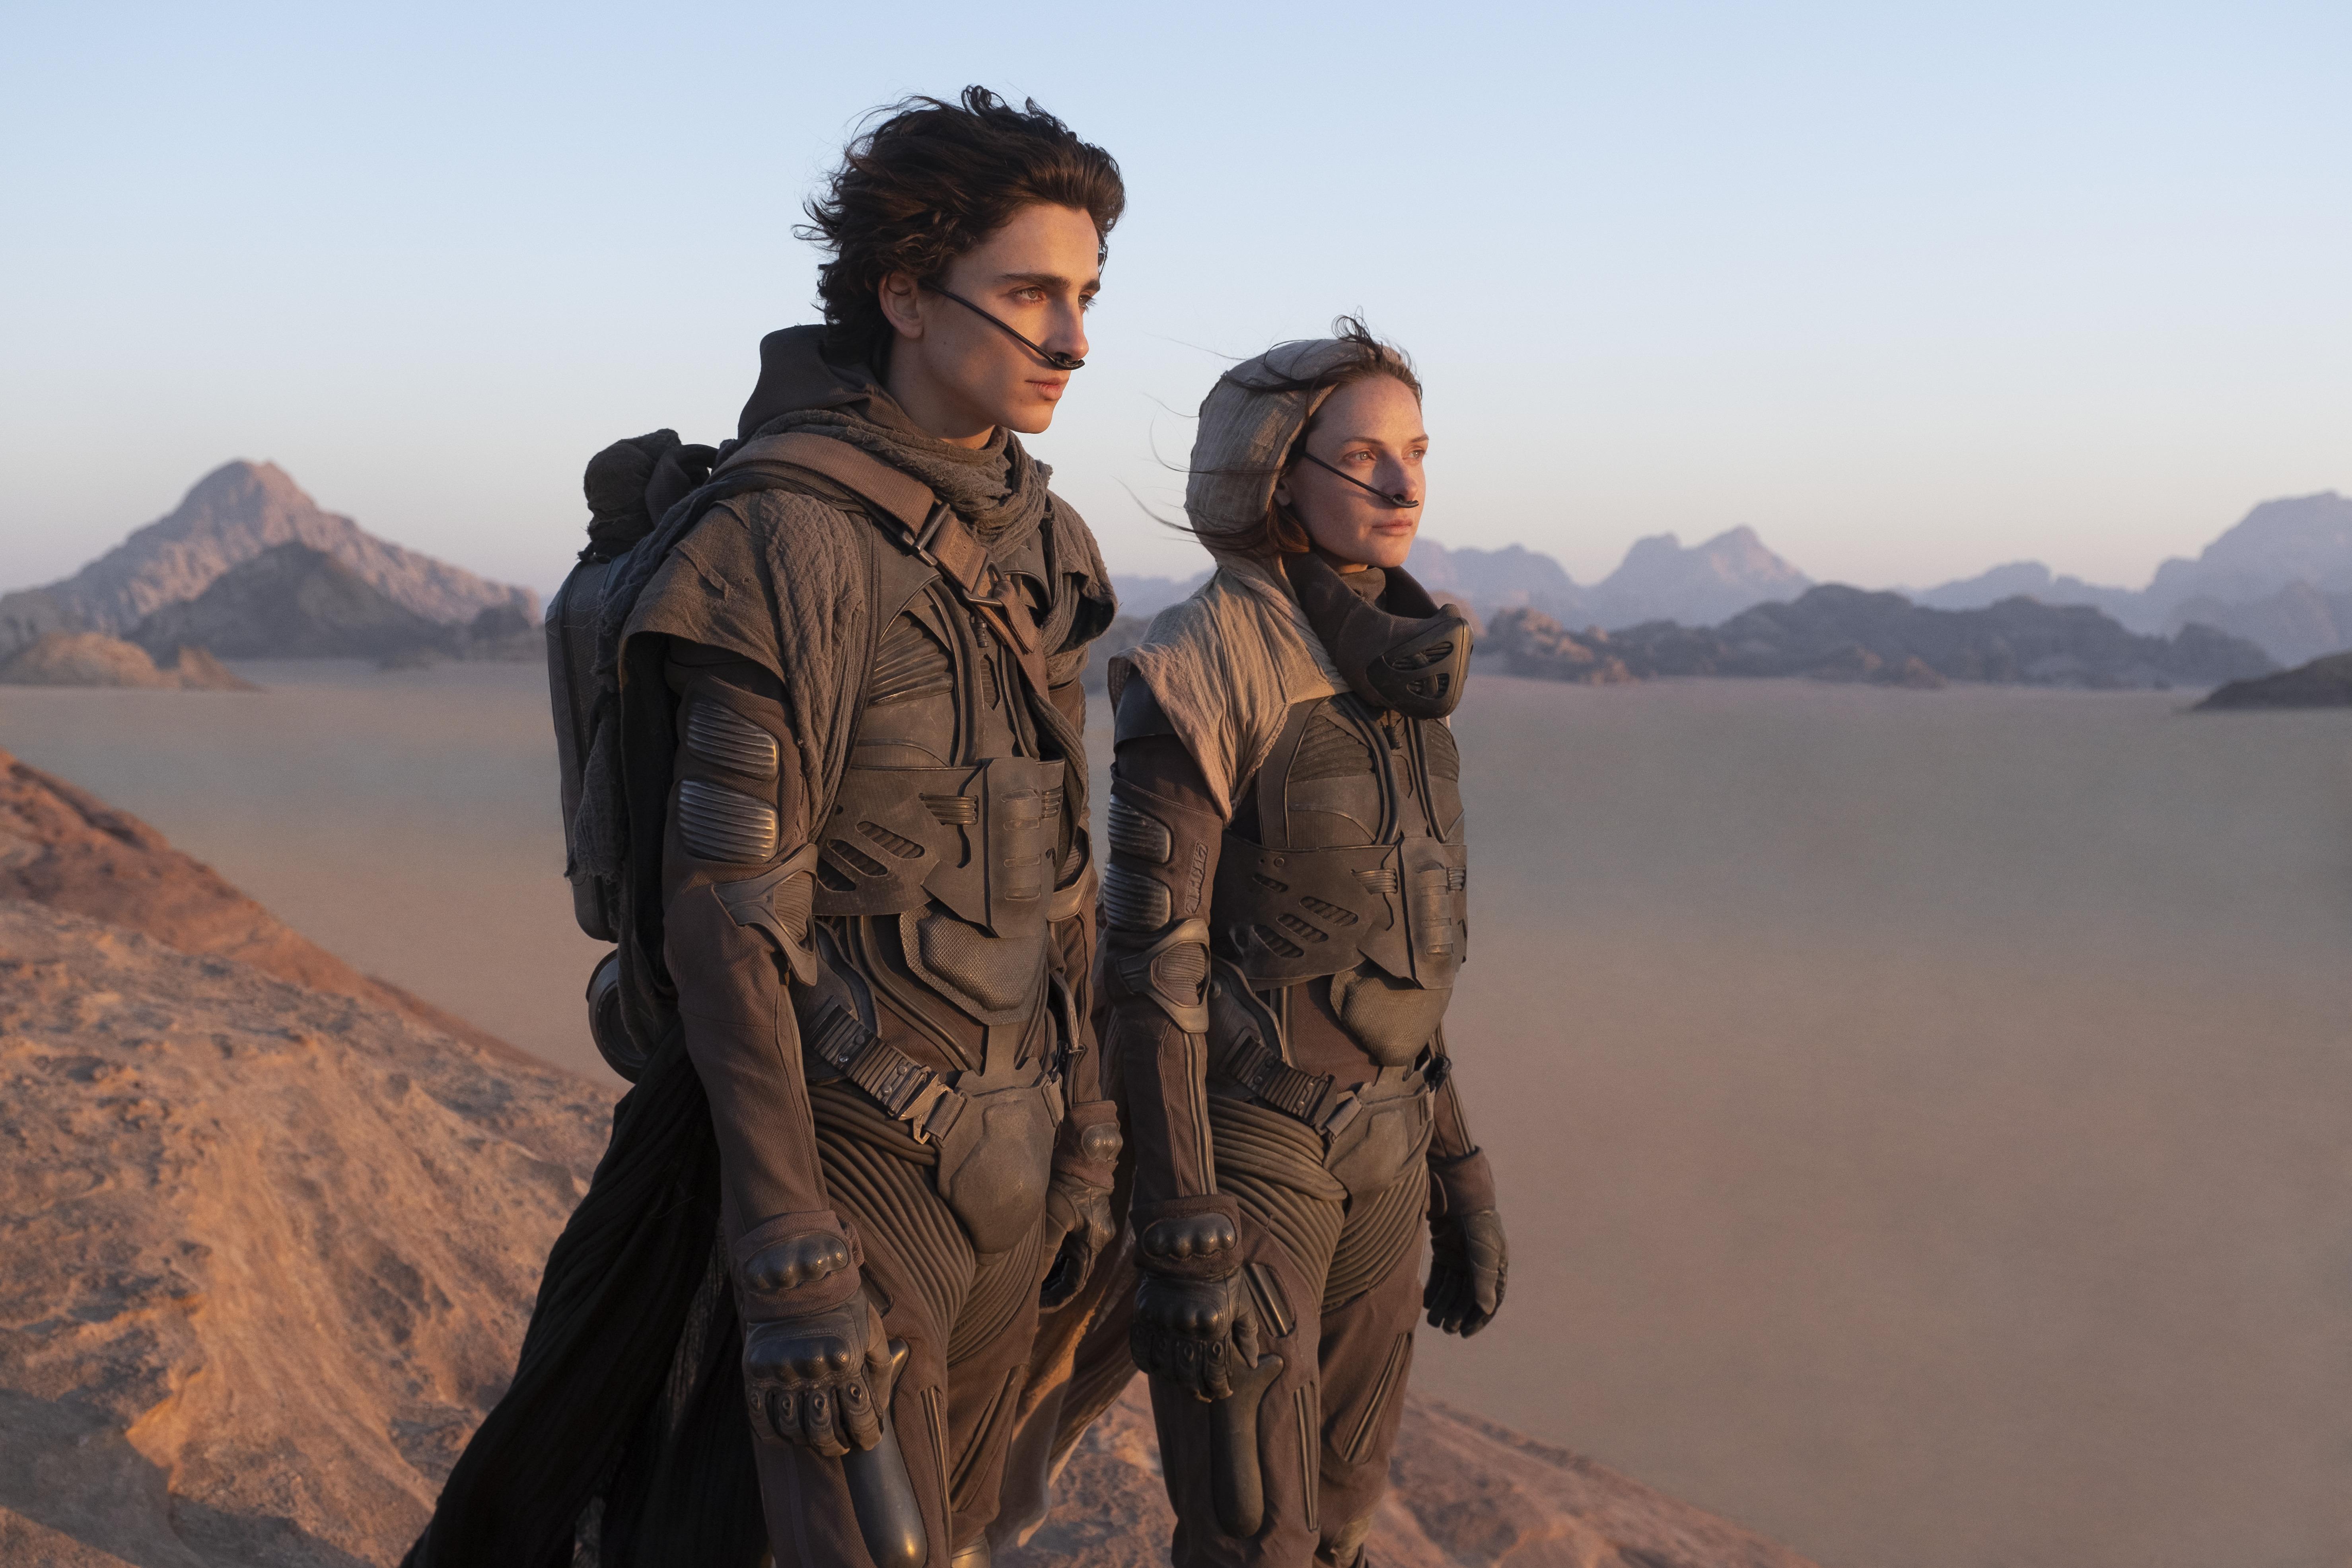 Timothée Chalamet and Rebecca Ferguson pooping in their stillsuits in Dune movie